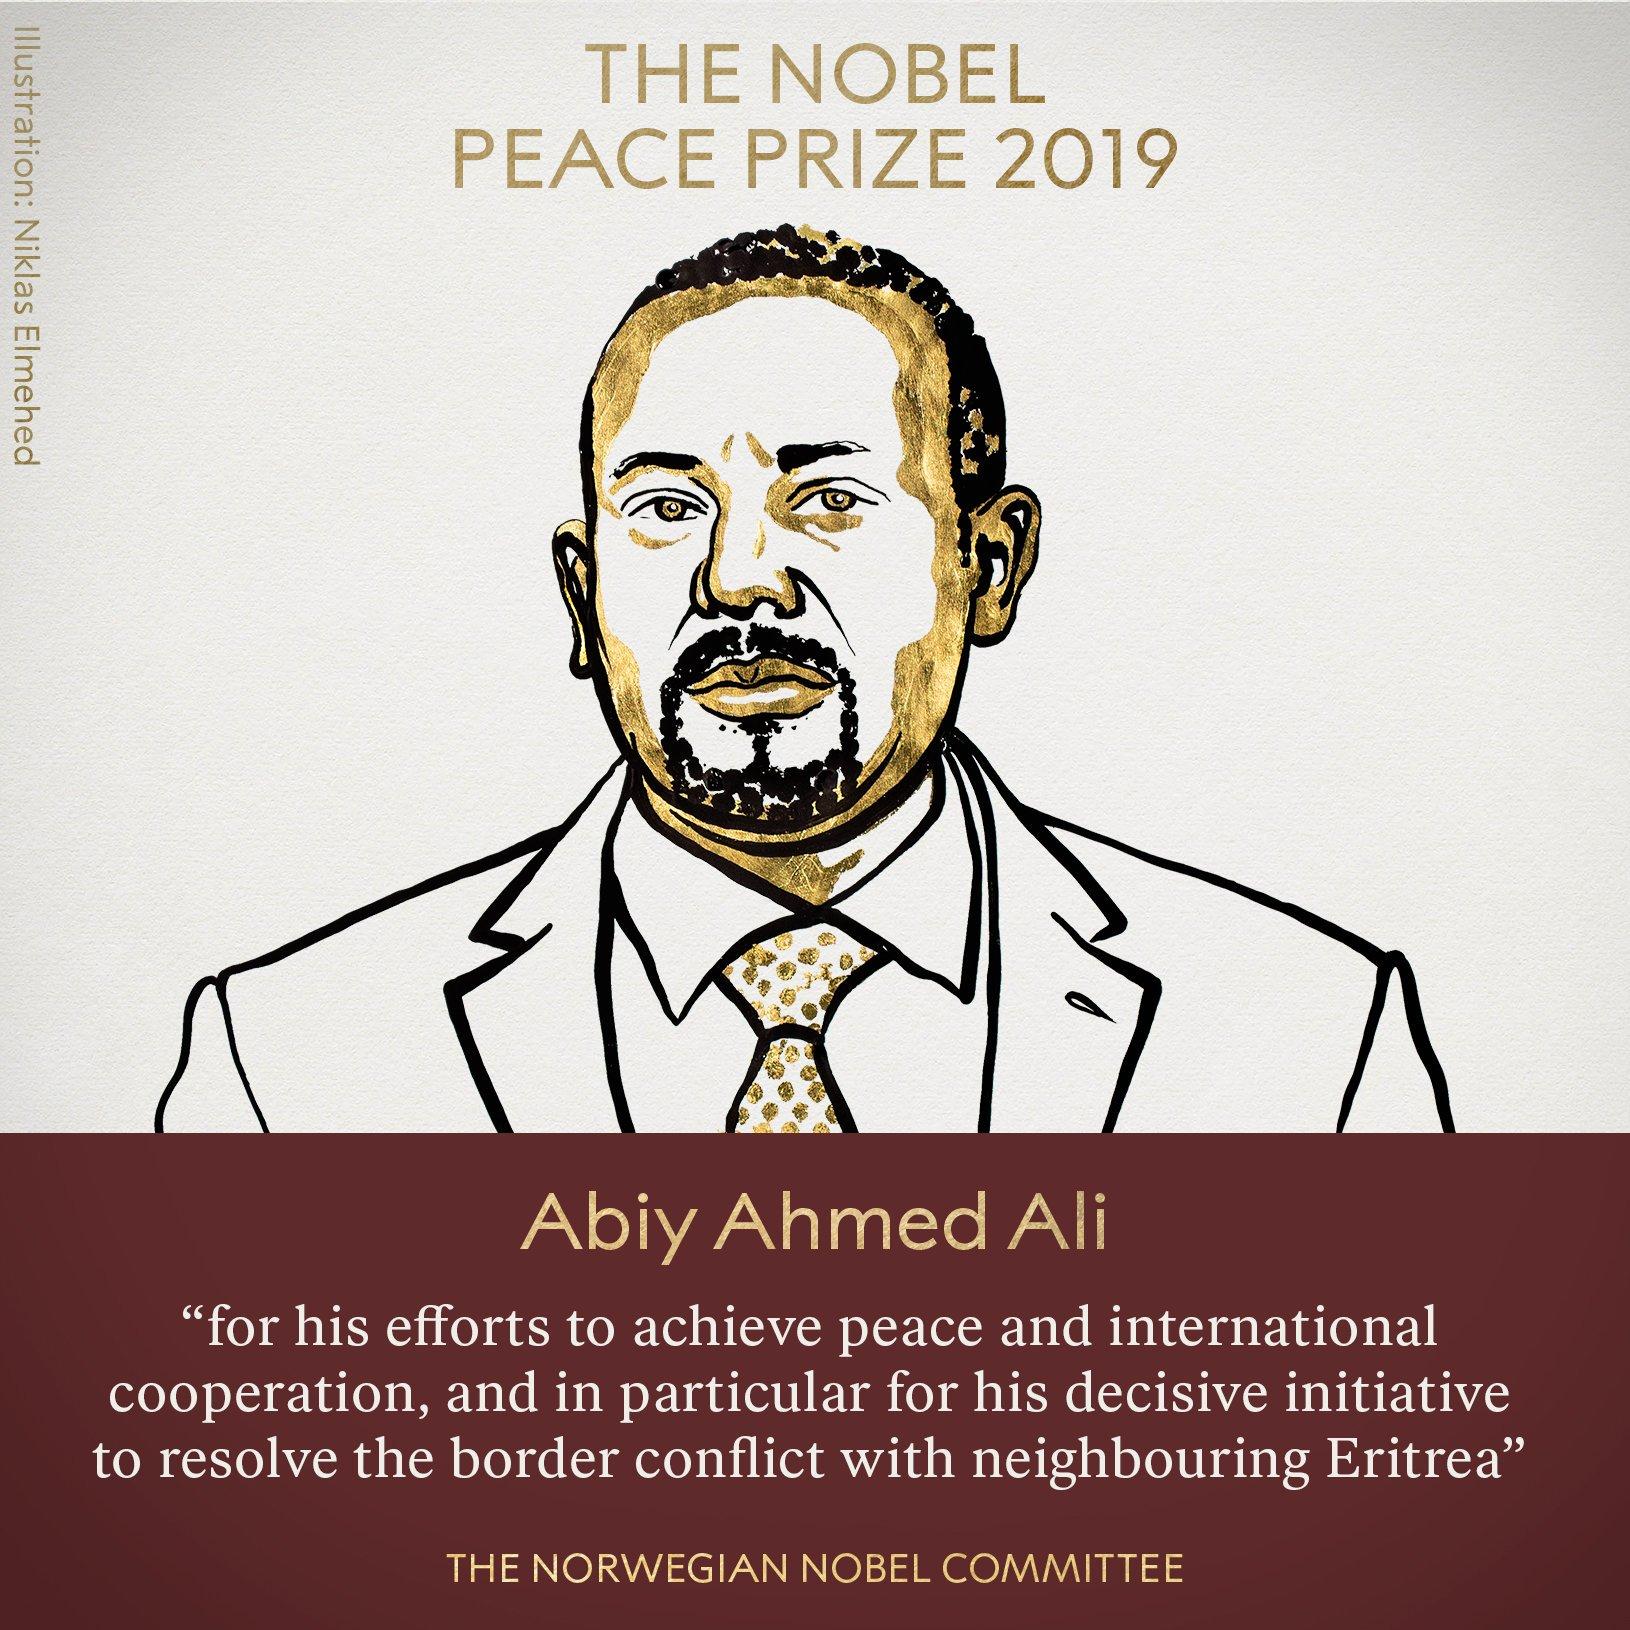 快讯!埃塞俄比亚总理获2019年诺贝尔和平奖